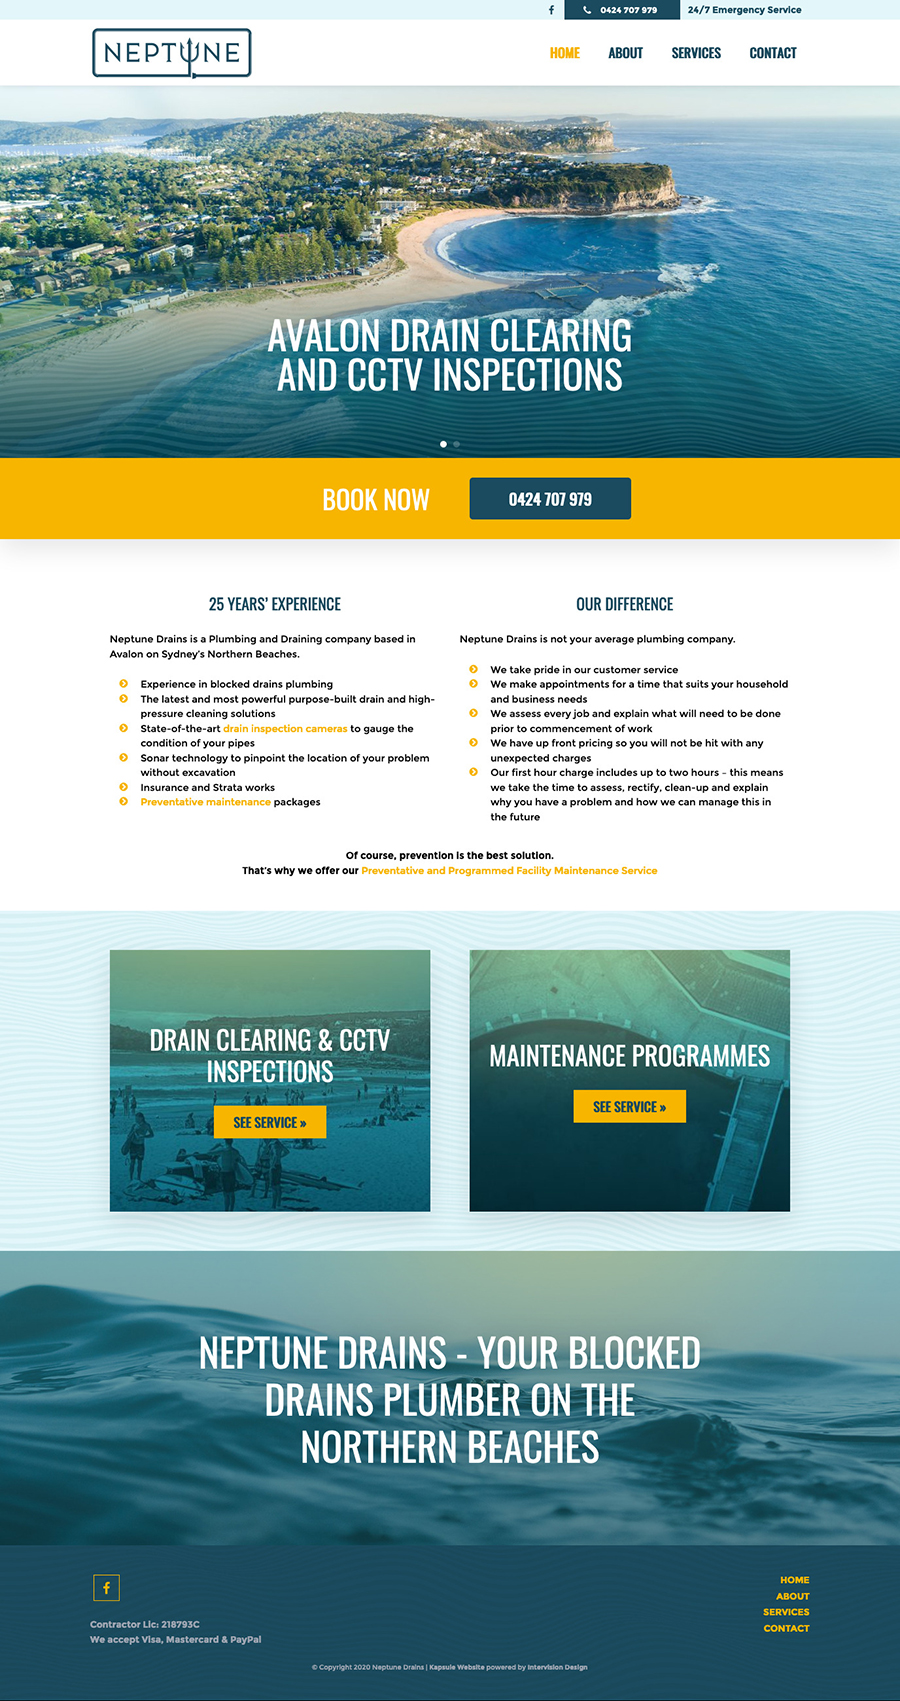 Neptune Drains by Kapsule Websites